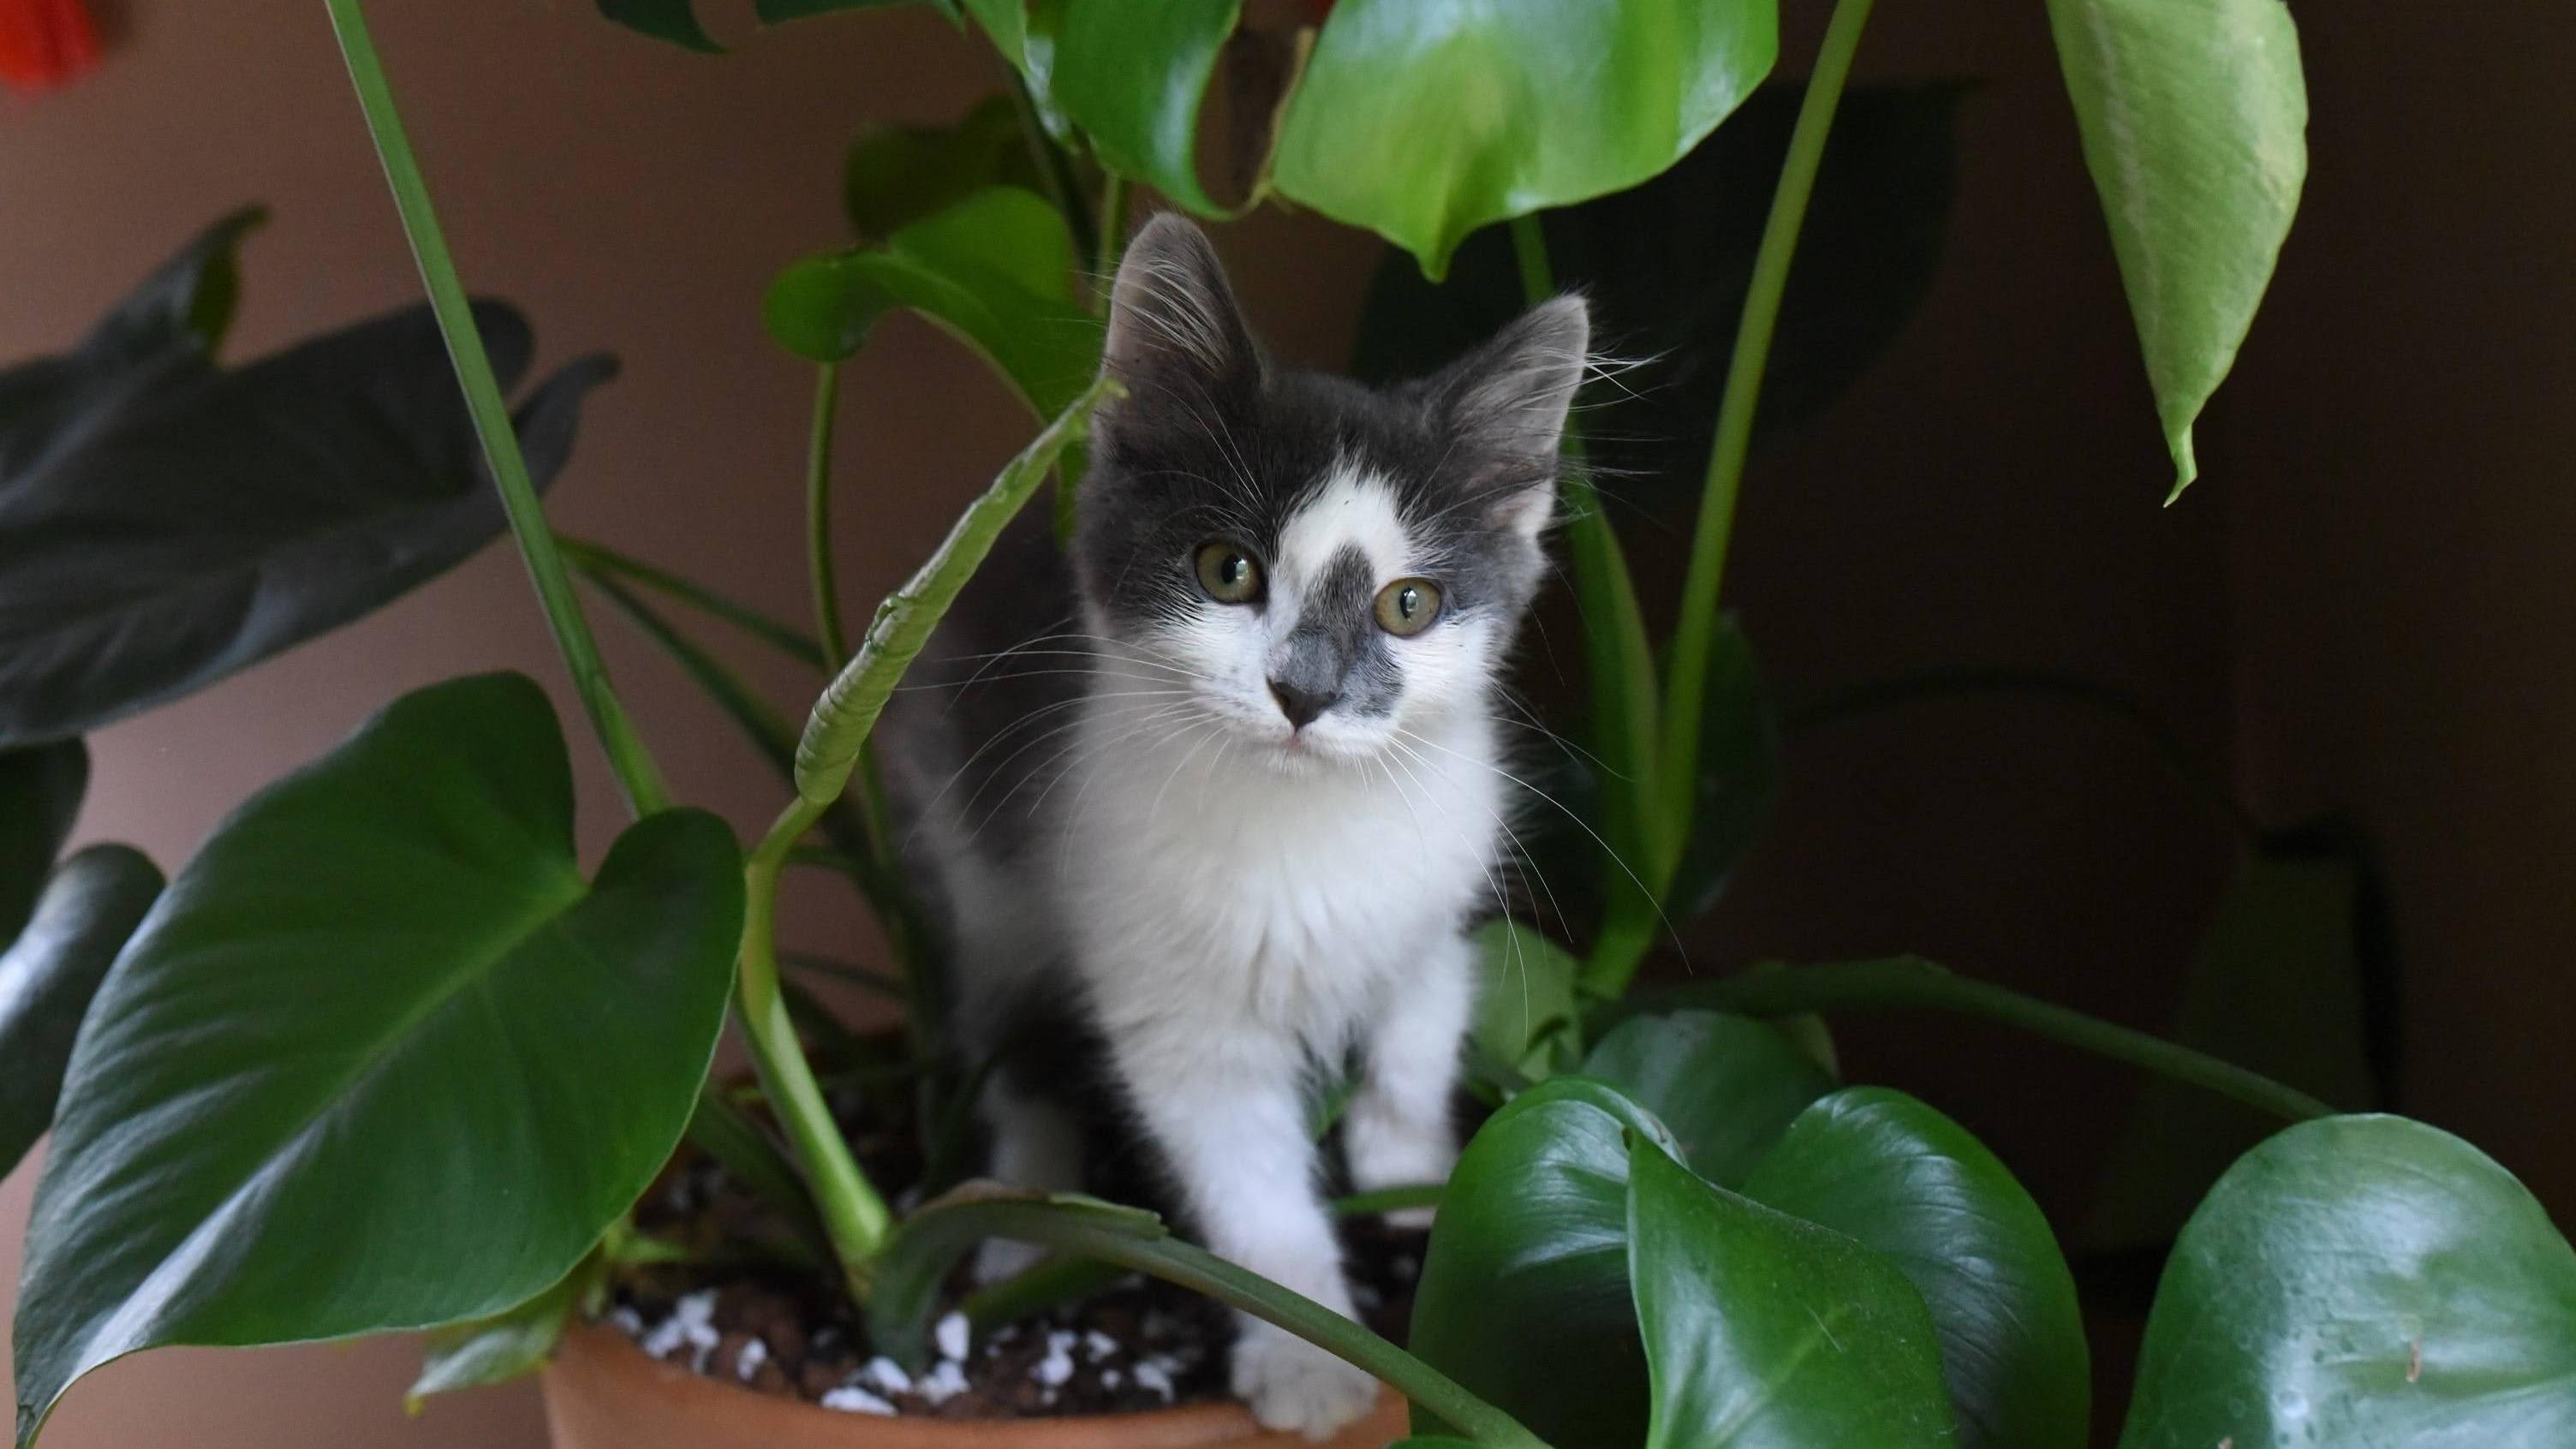 Pflanzen vor Katzen schützen - Tipps und Tricks